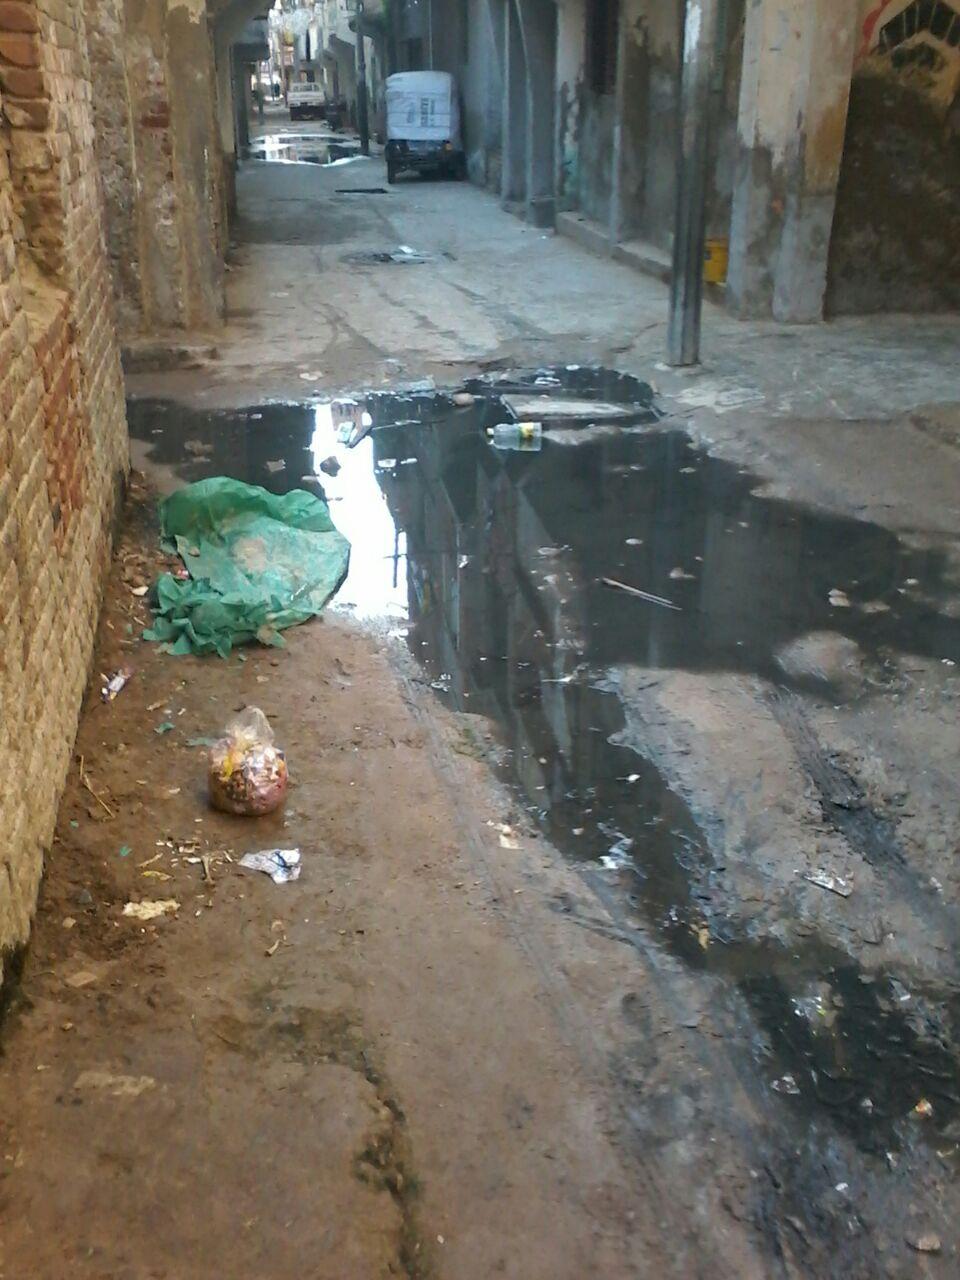 سكان «طه البيضا» بالبحيرة يطالبون بسرعة إنهاء مشروع الصرف الصحي